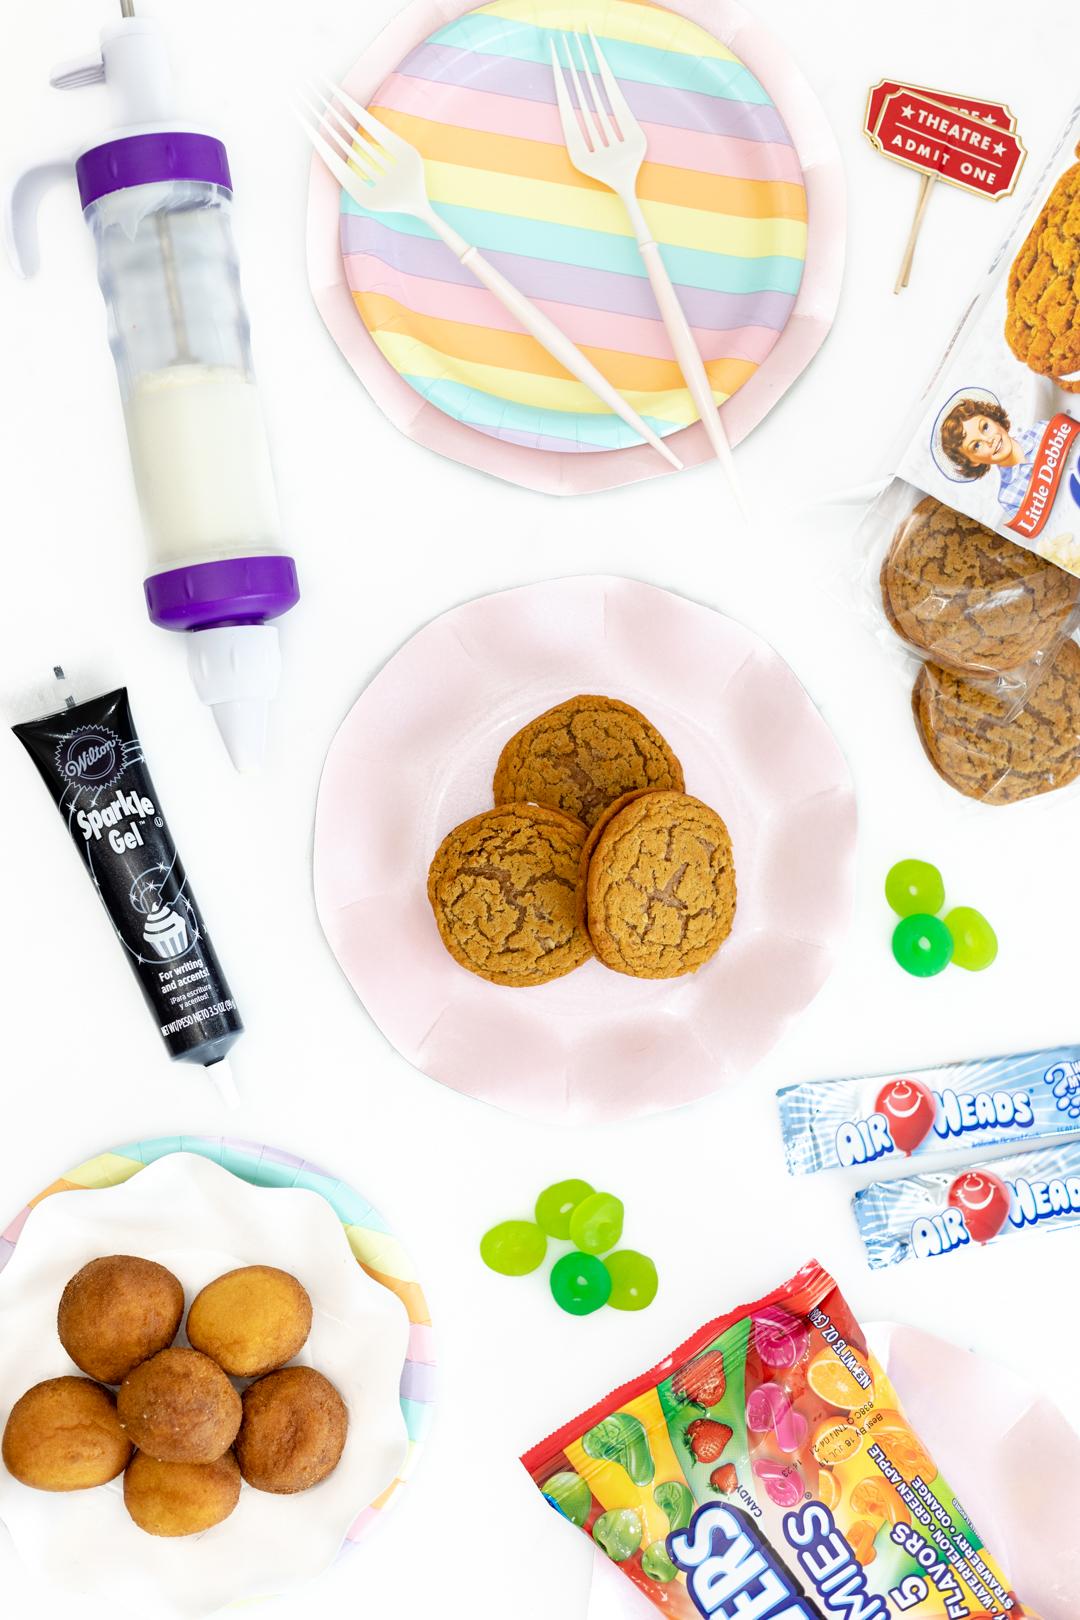 movie themed cookie ingredients